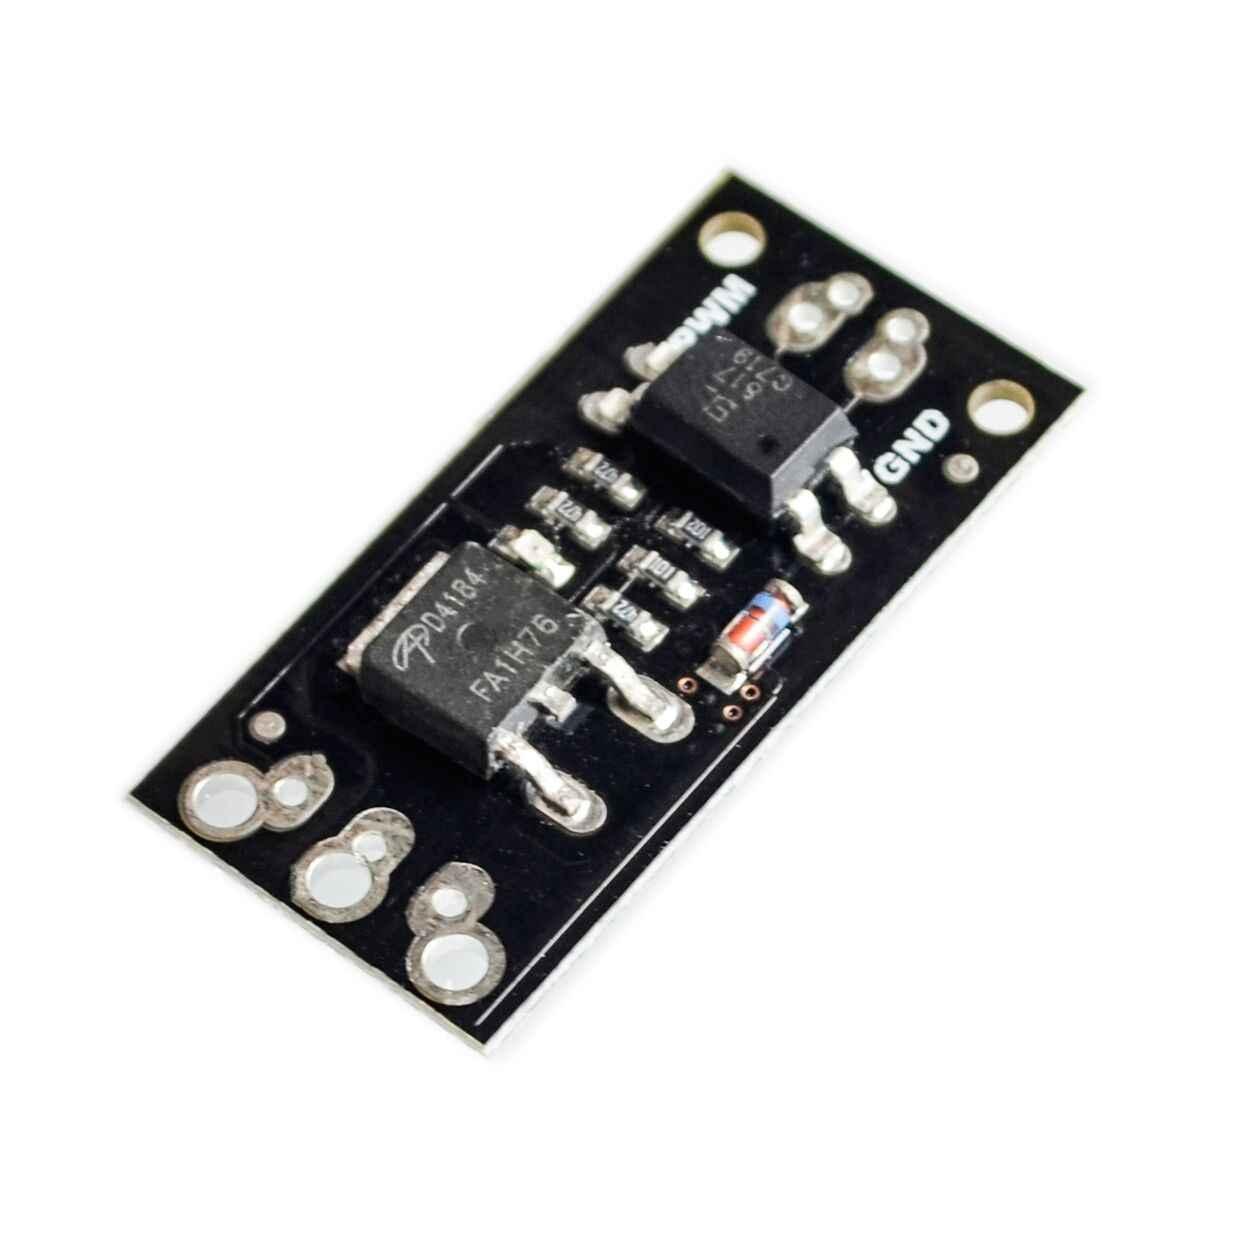 D4184 mos モジュール mosfet 制御モジュール電界効果モジュール